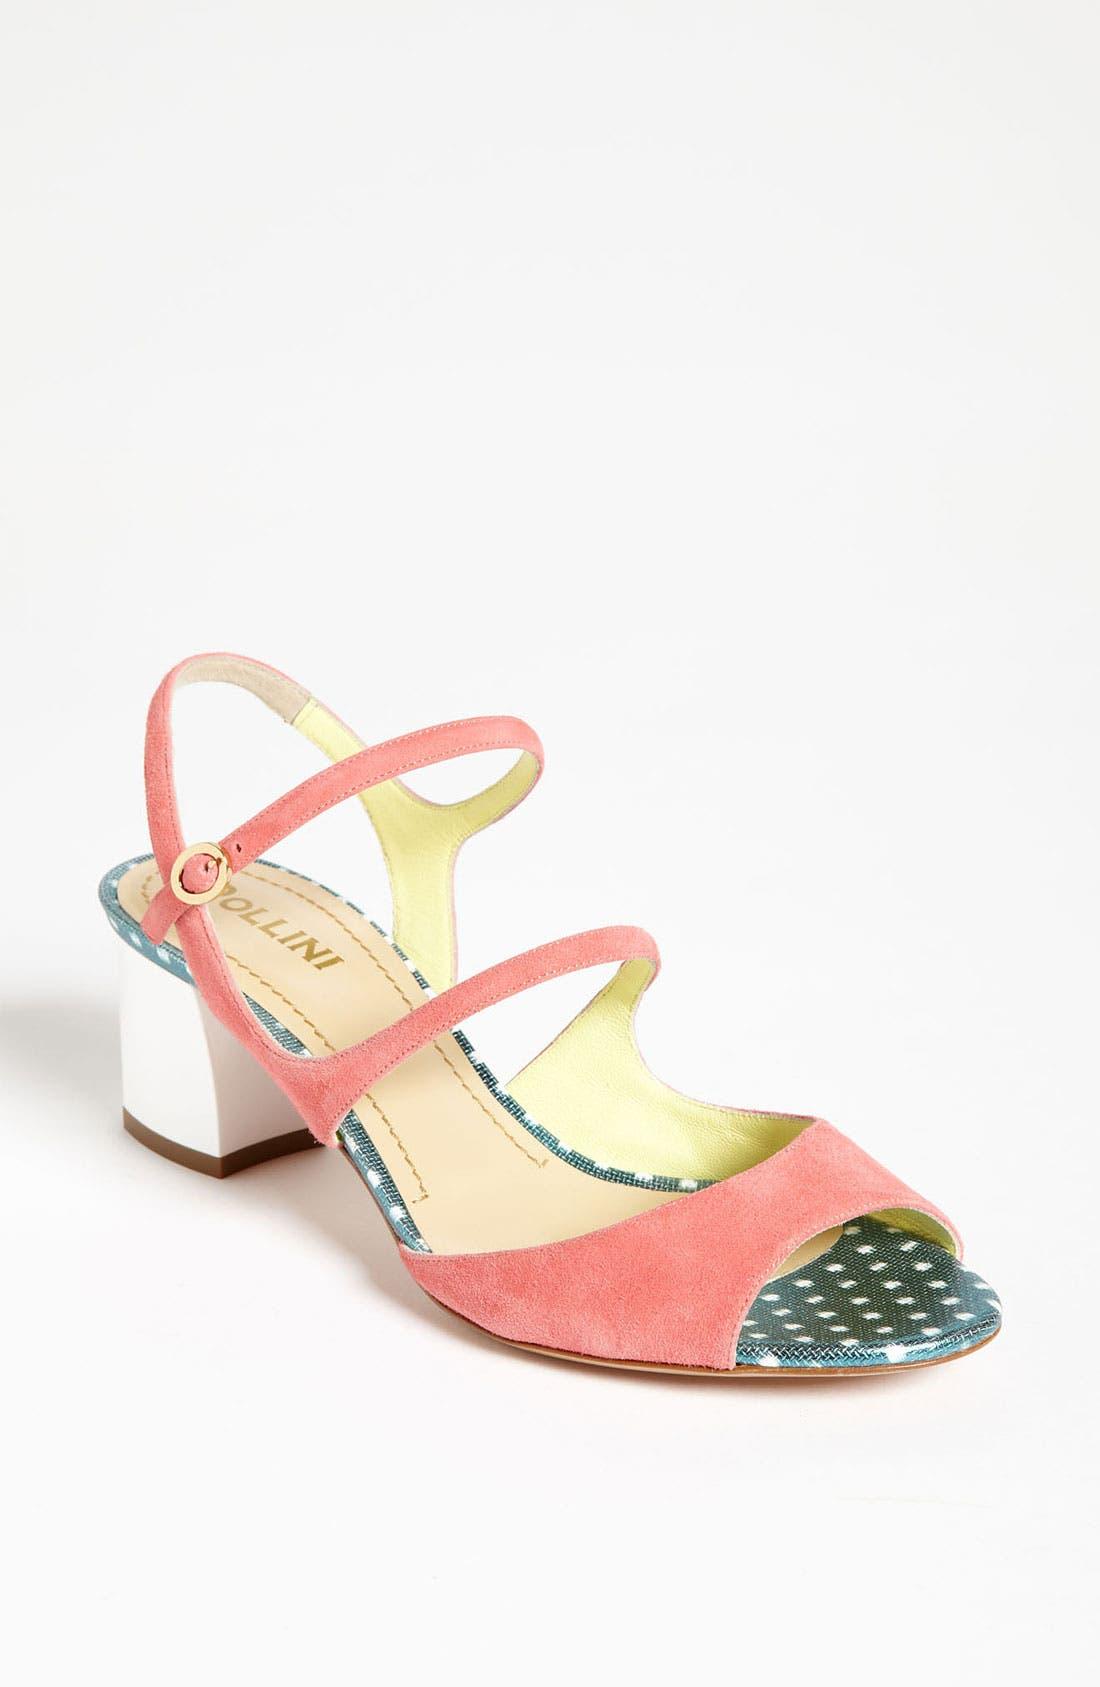 Alternate Image 1 Selected - Pollini Mid Sandal